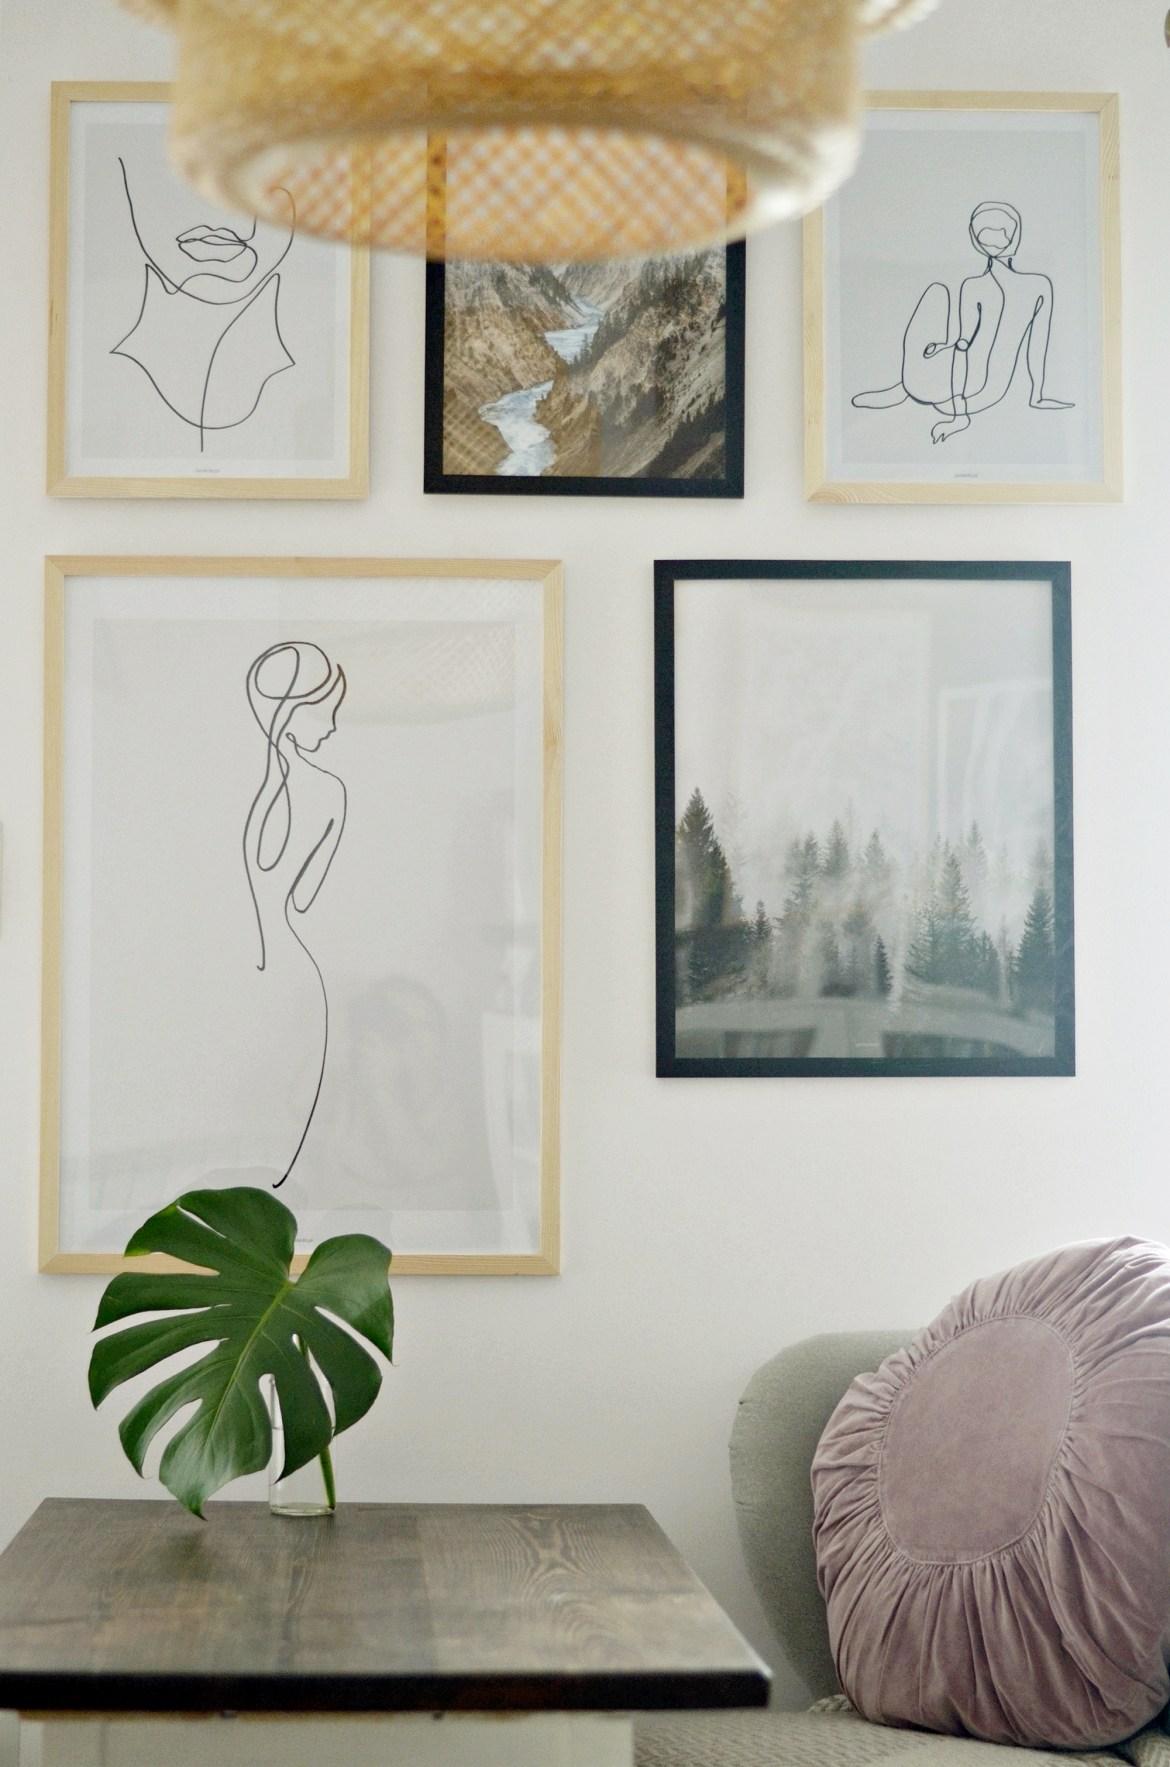 domowa galeria obrazów